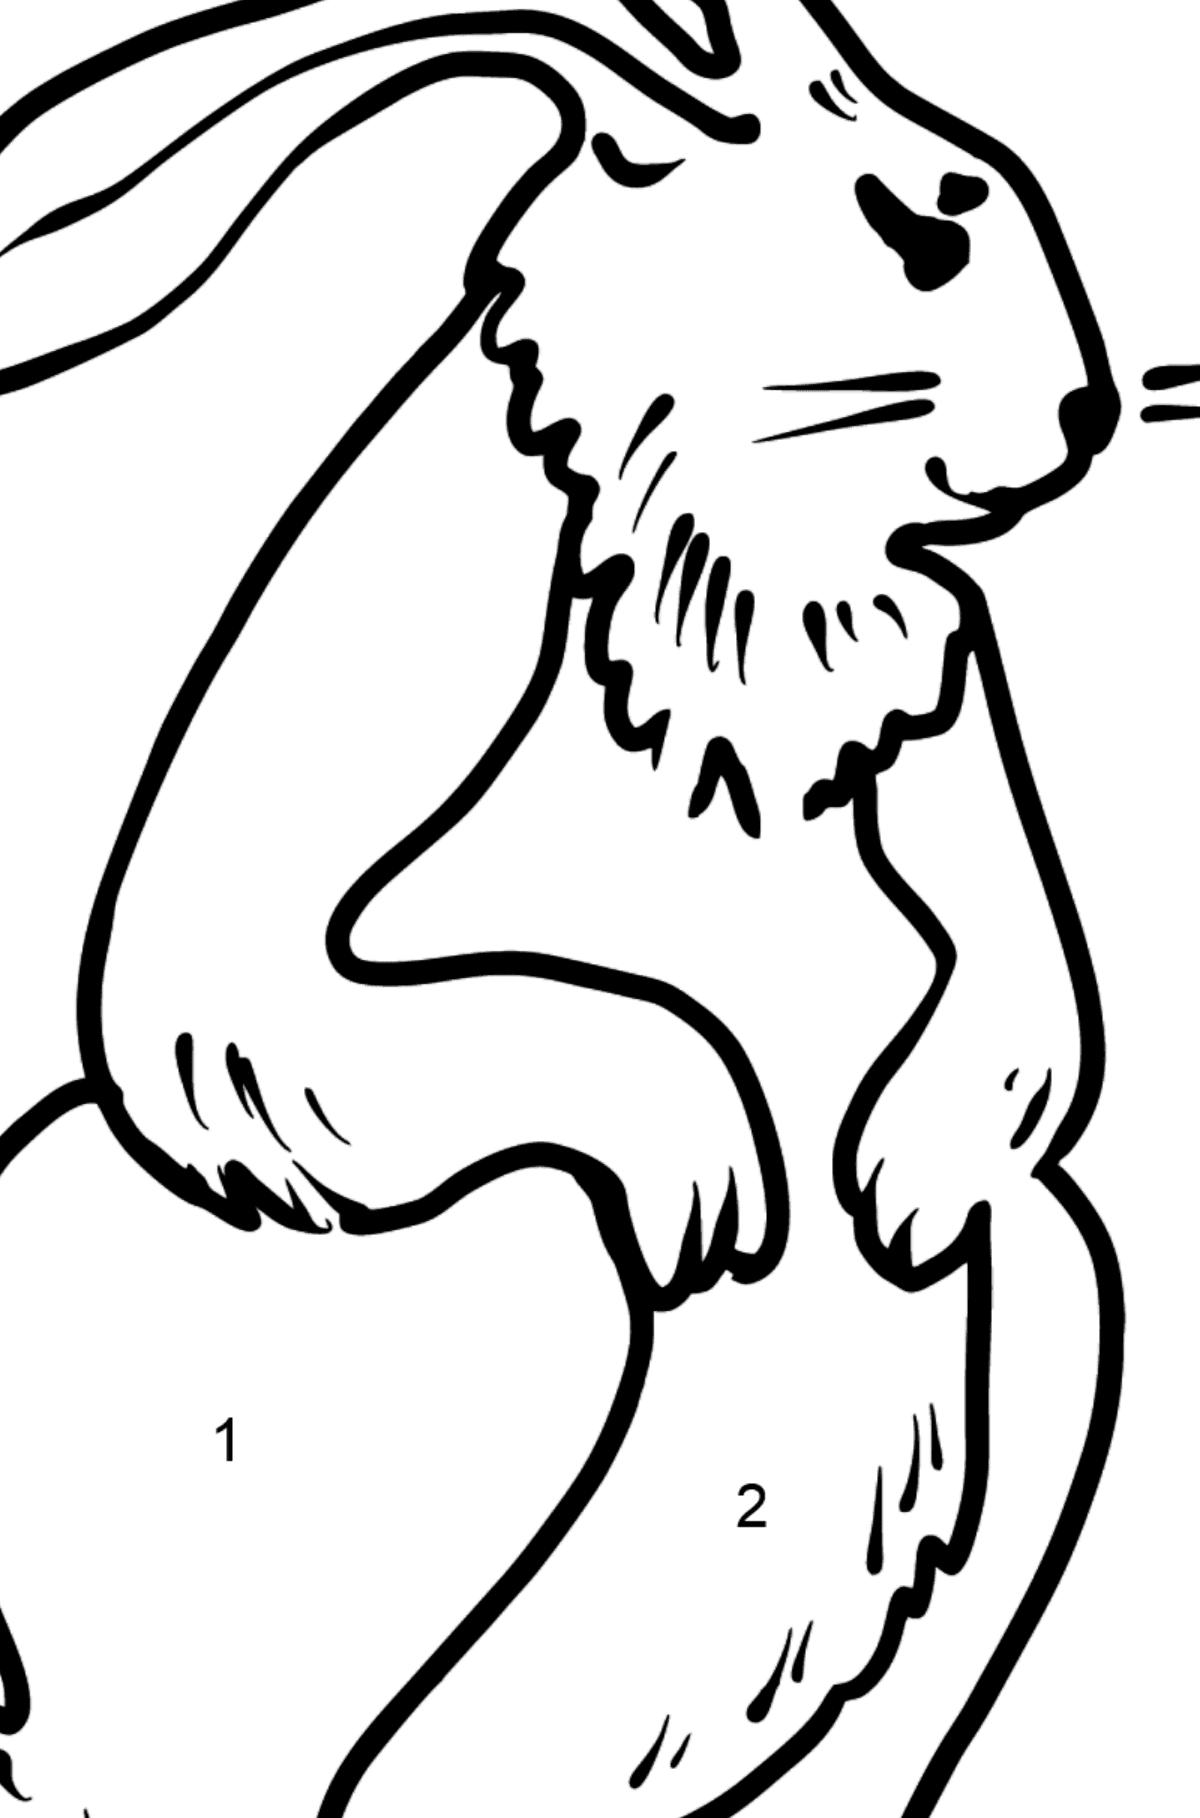 Desenho para colorir do coelho - Colorir por Números para Crianças